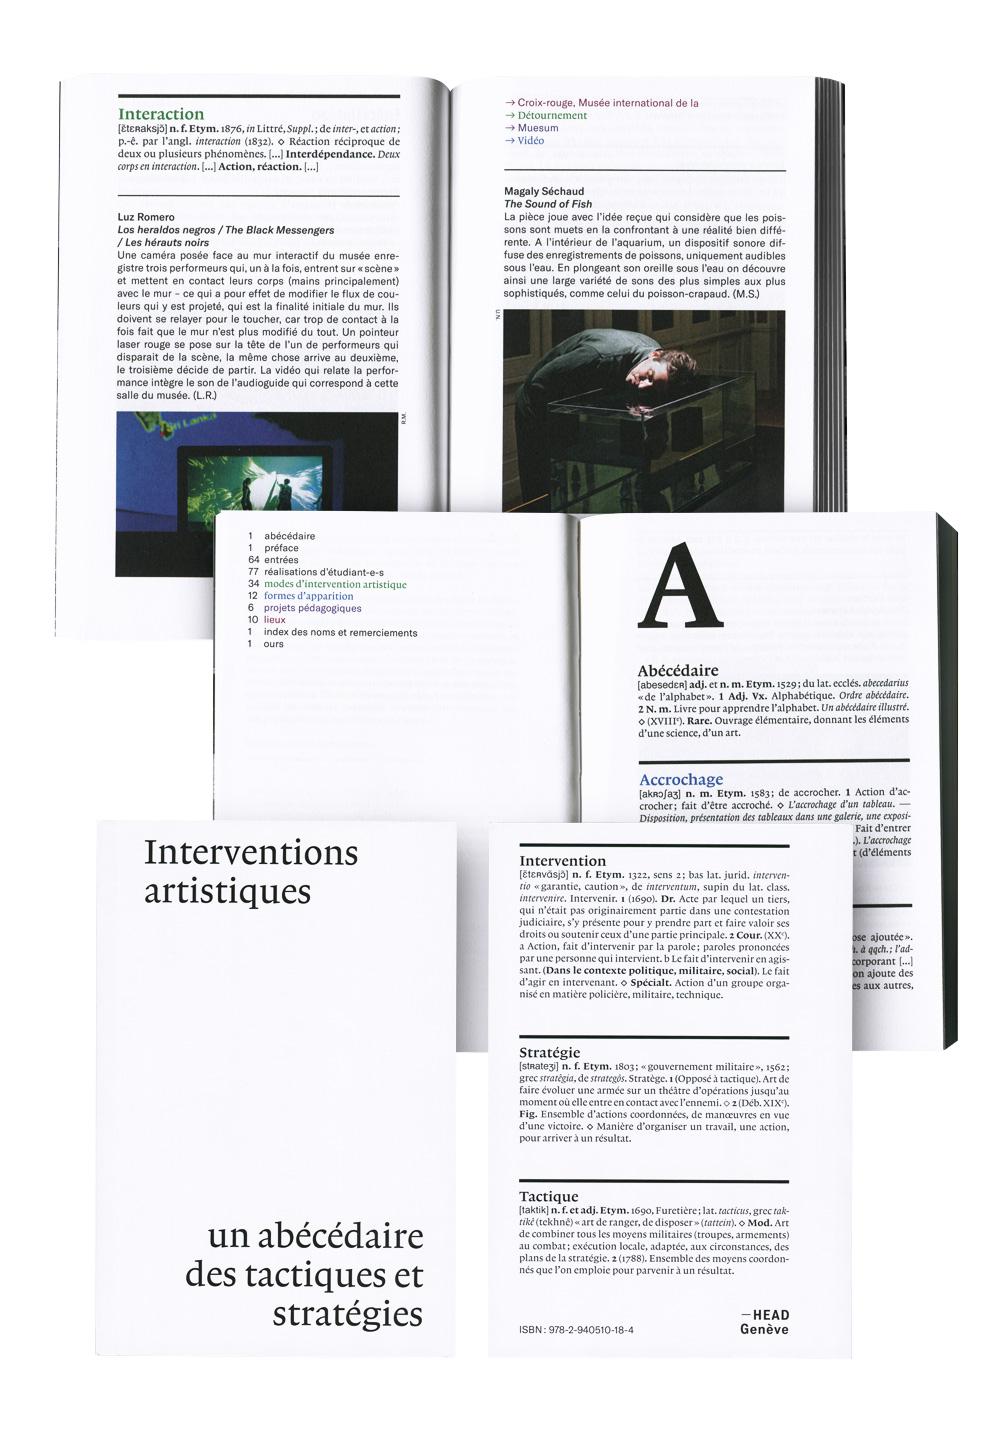 HEAD-Genève, Interventions artistiques, un abécédaire des tactiques et stratégies